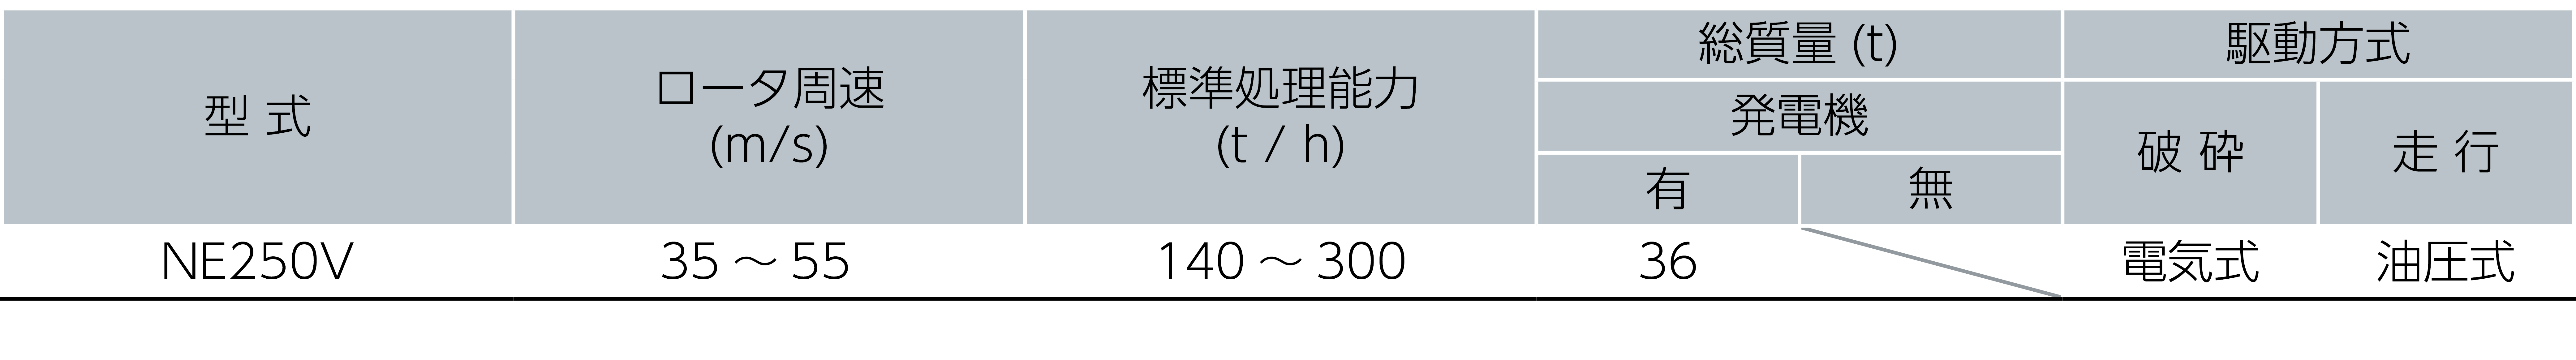 ジャイロパクタ仕様表